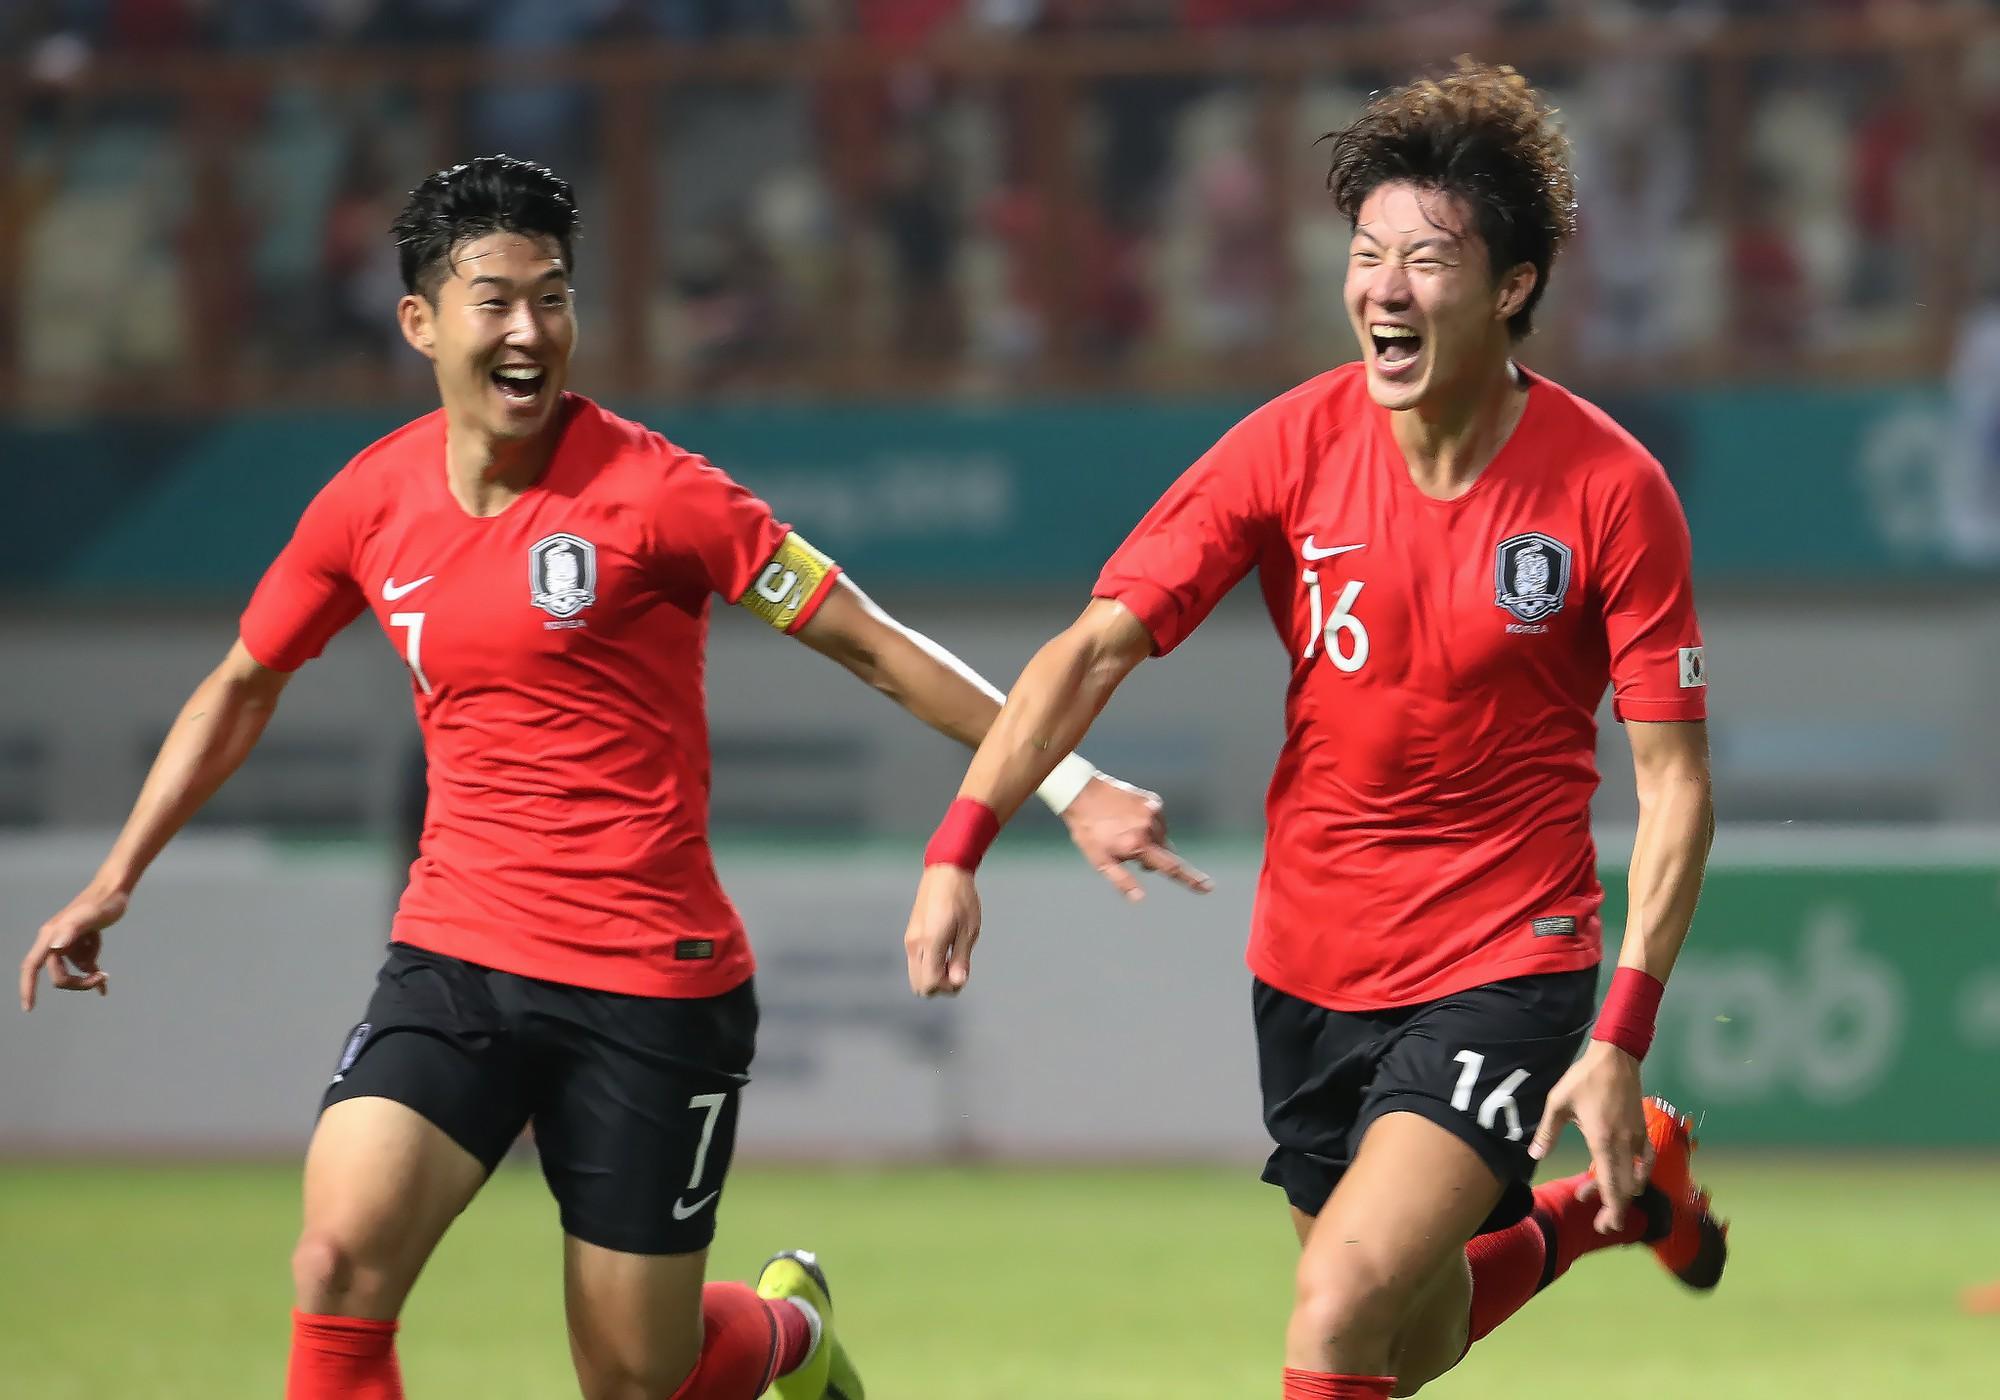 CHÍNH THỨC: Vô địch AFF Cup 2018, Việt Nam sẽ tranh Siêu Cúp châu Á với Hàn Quốc tại Mỹ Đình - Ảnh 2.